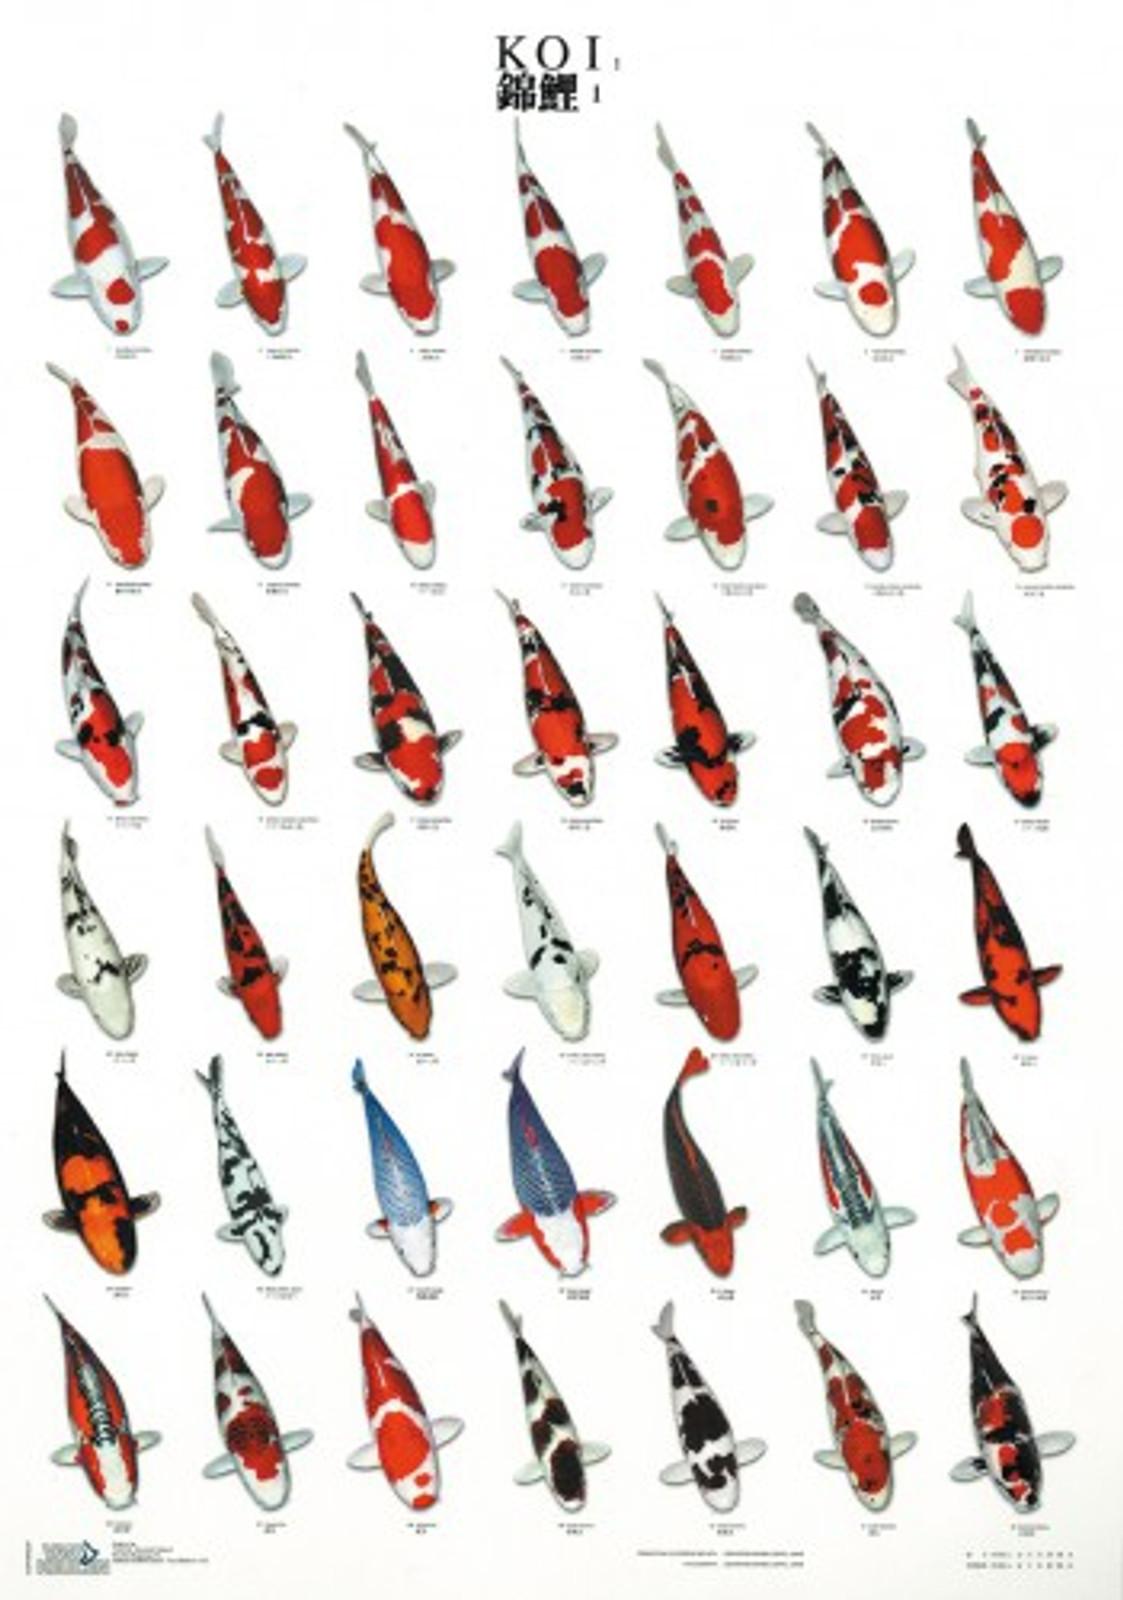 laminiertes Koi Poster Koi1, 68x98 cm